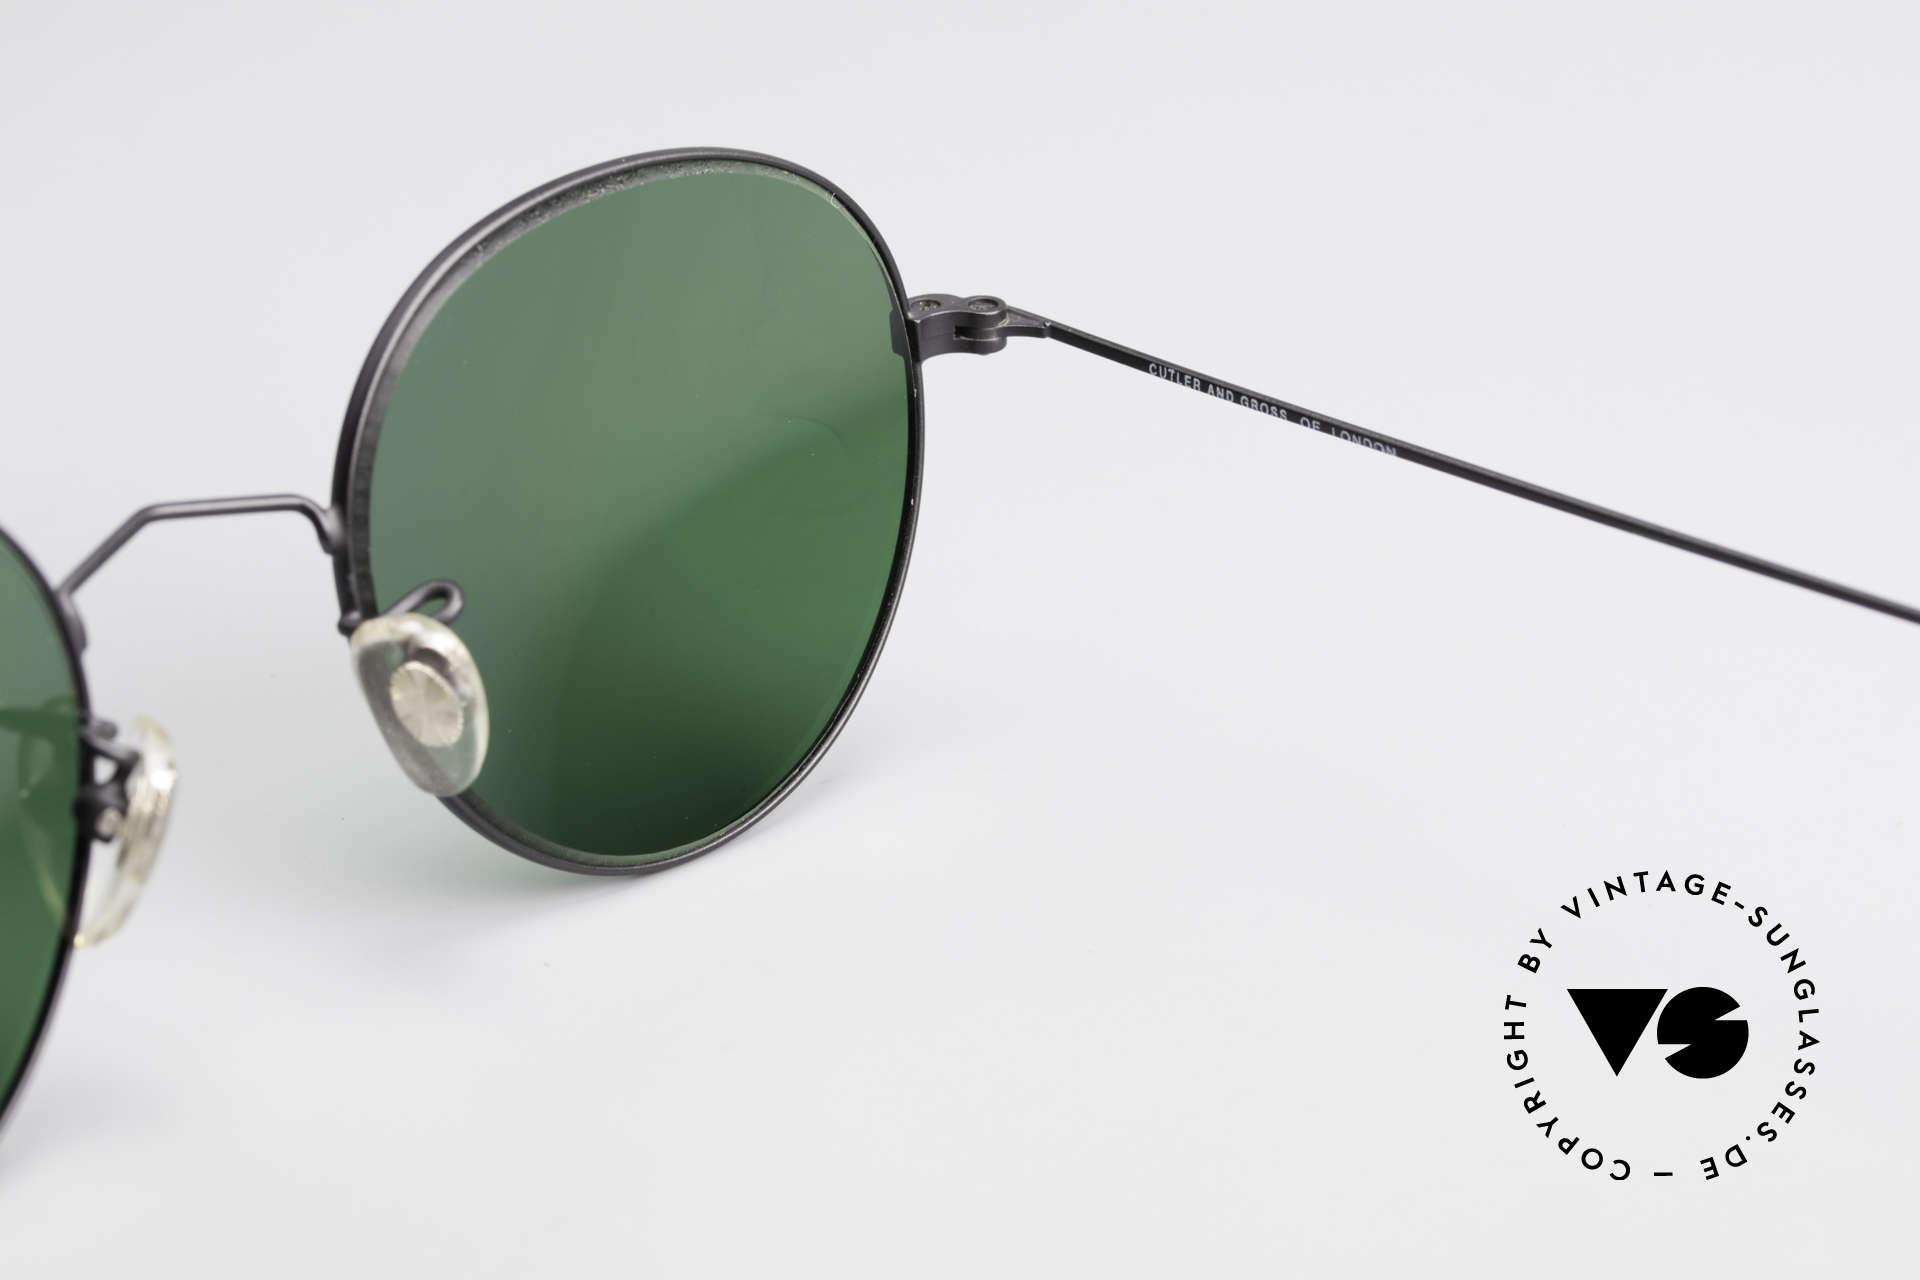 Cutler And Gross 0306 Vintage Panto Sonnenbrille, Größe: medium, Passend für Herren und Damen